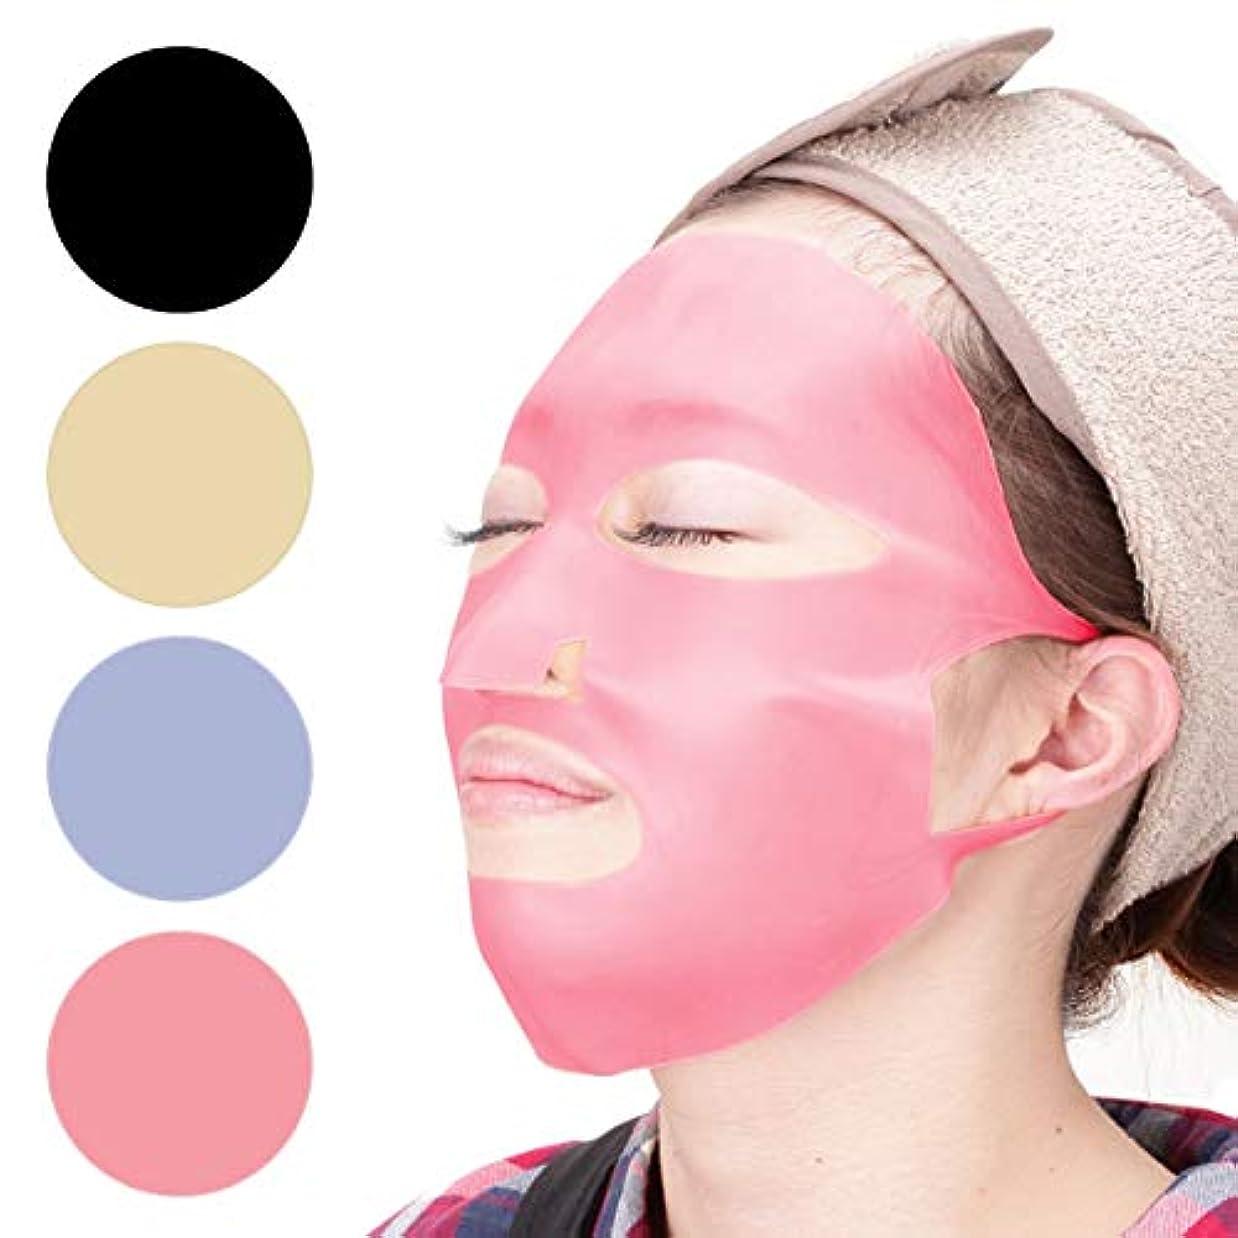 コインランドリーベンチ処分した< プロズビ > シリコン ホールドマスク 全4色 ピンク [ シリコンマスク シートパック フェイスマスク フェイスシート フェイスパック フェイシャルマスク シートマスク フェイシャルシート フェイシャルパック 顔パック ]